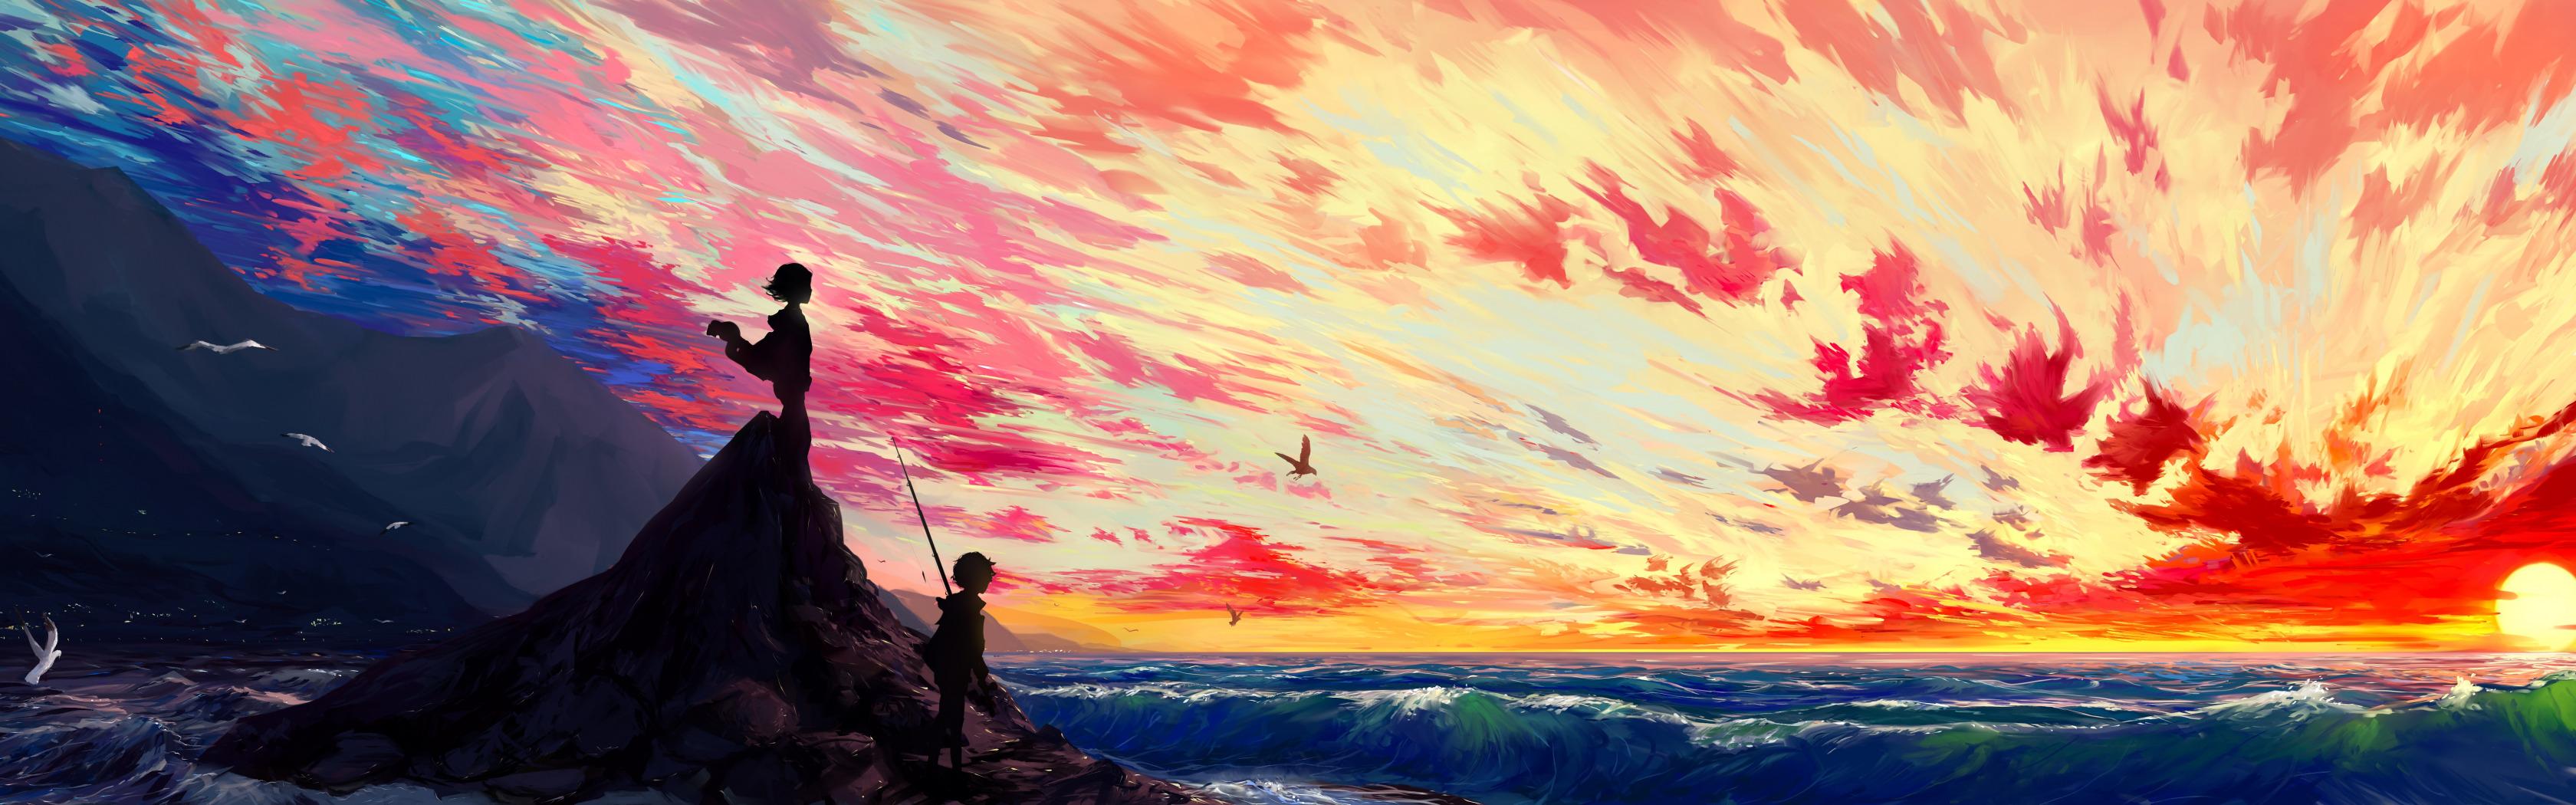 https://img4.goodfon.ru/original/3360x1050/8/c7/nebo-oblaka-zakat-anime-malchik-art-devochka-hangmoon-ostrov.jpg